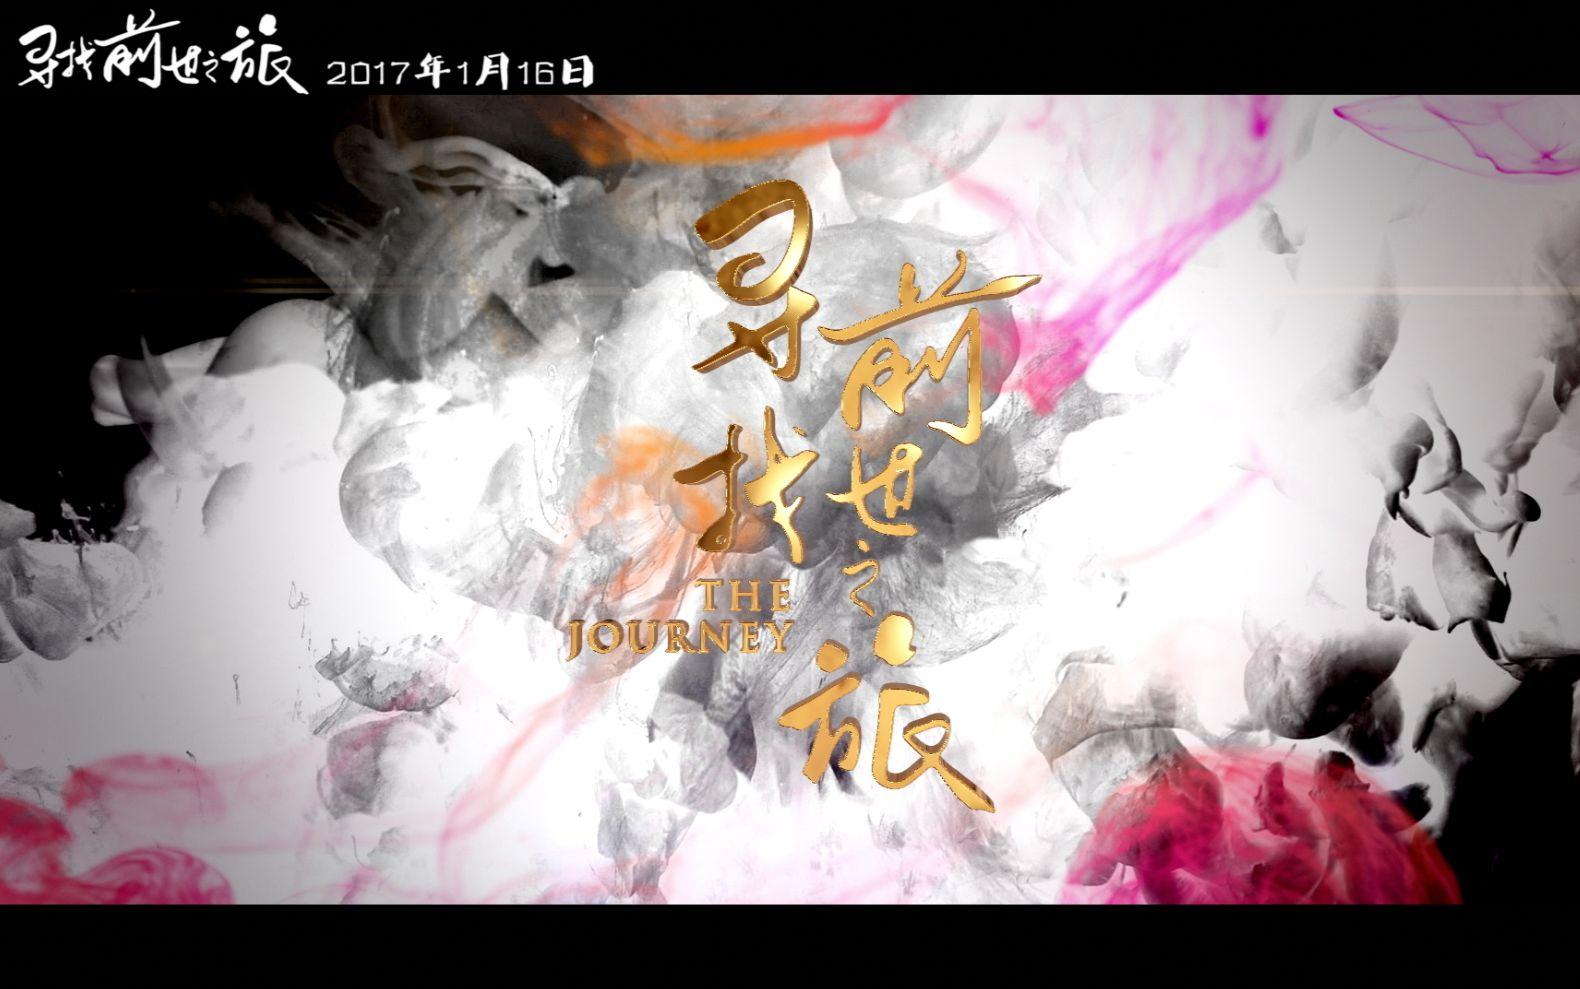 【寻找前世之旅】爱情锦鲤版预告片图片